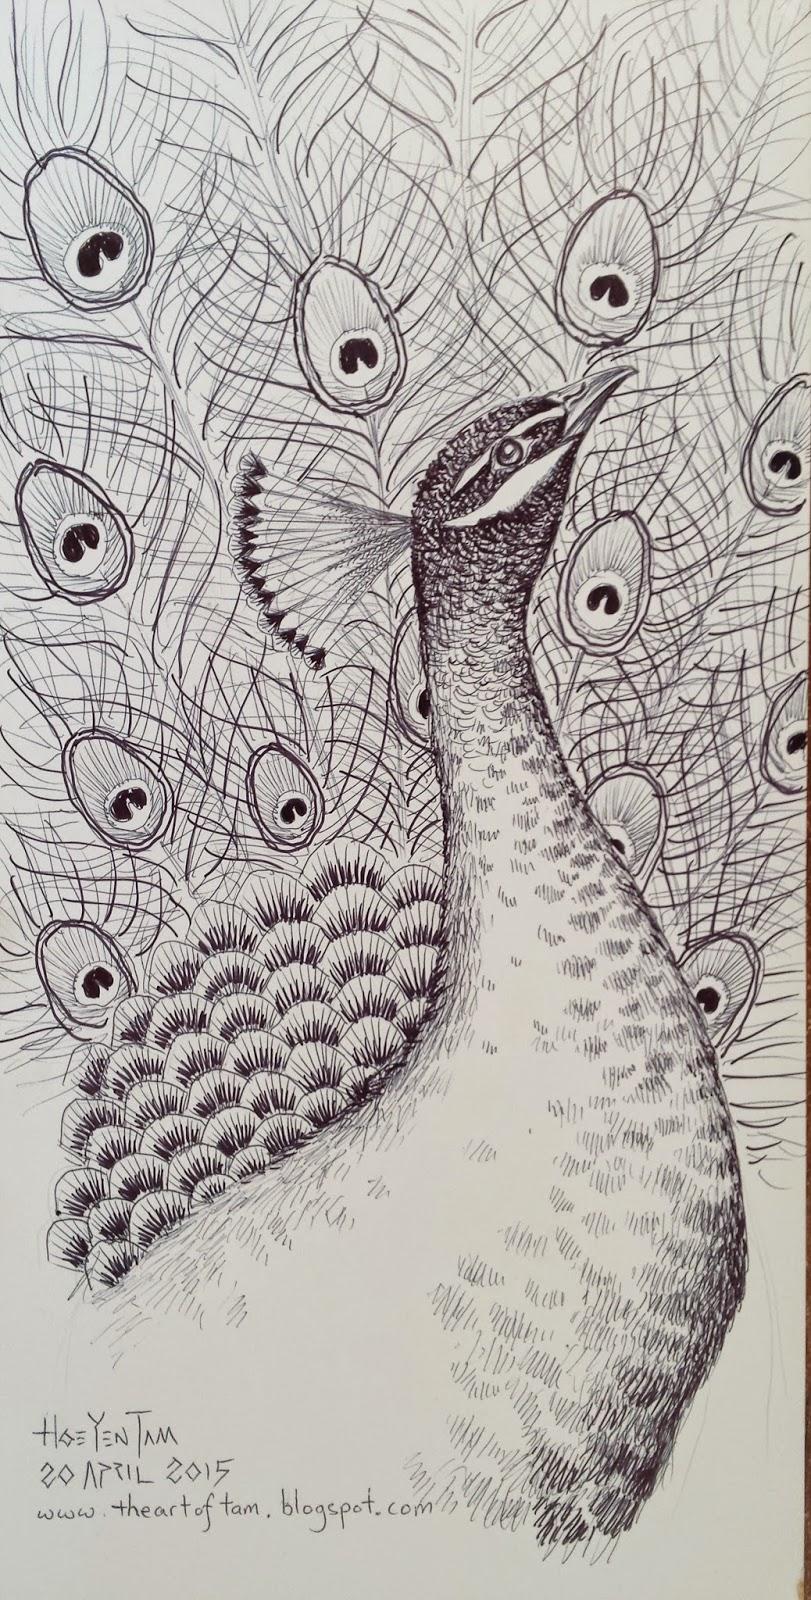 Peacock a pen sketch 2015 孔雀 钢笔素描